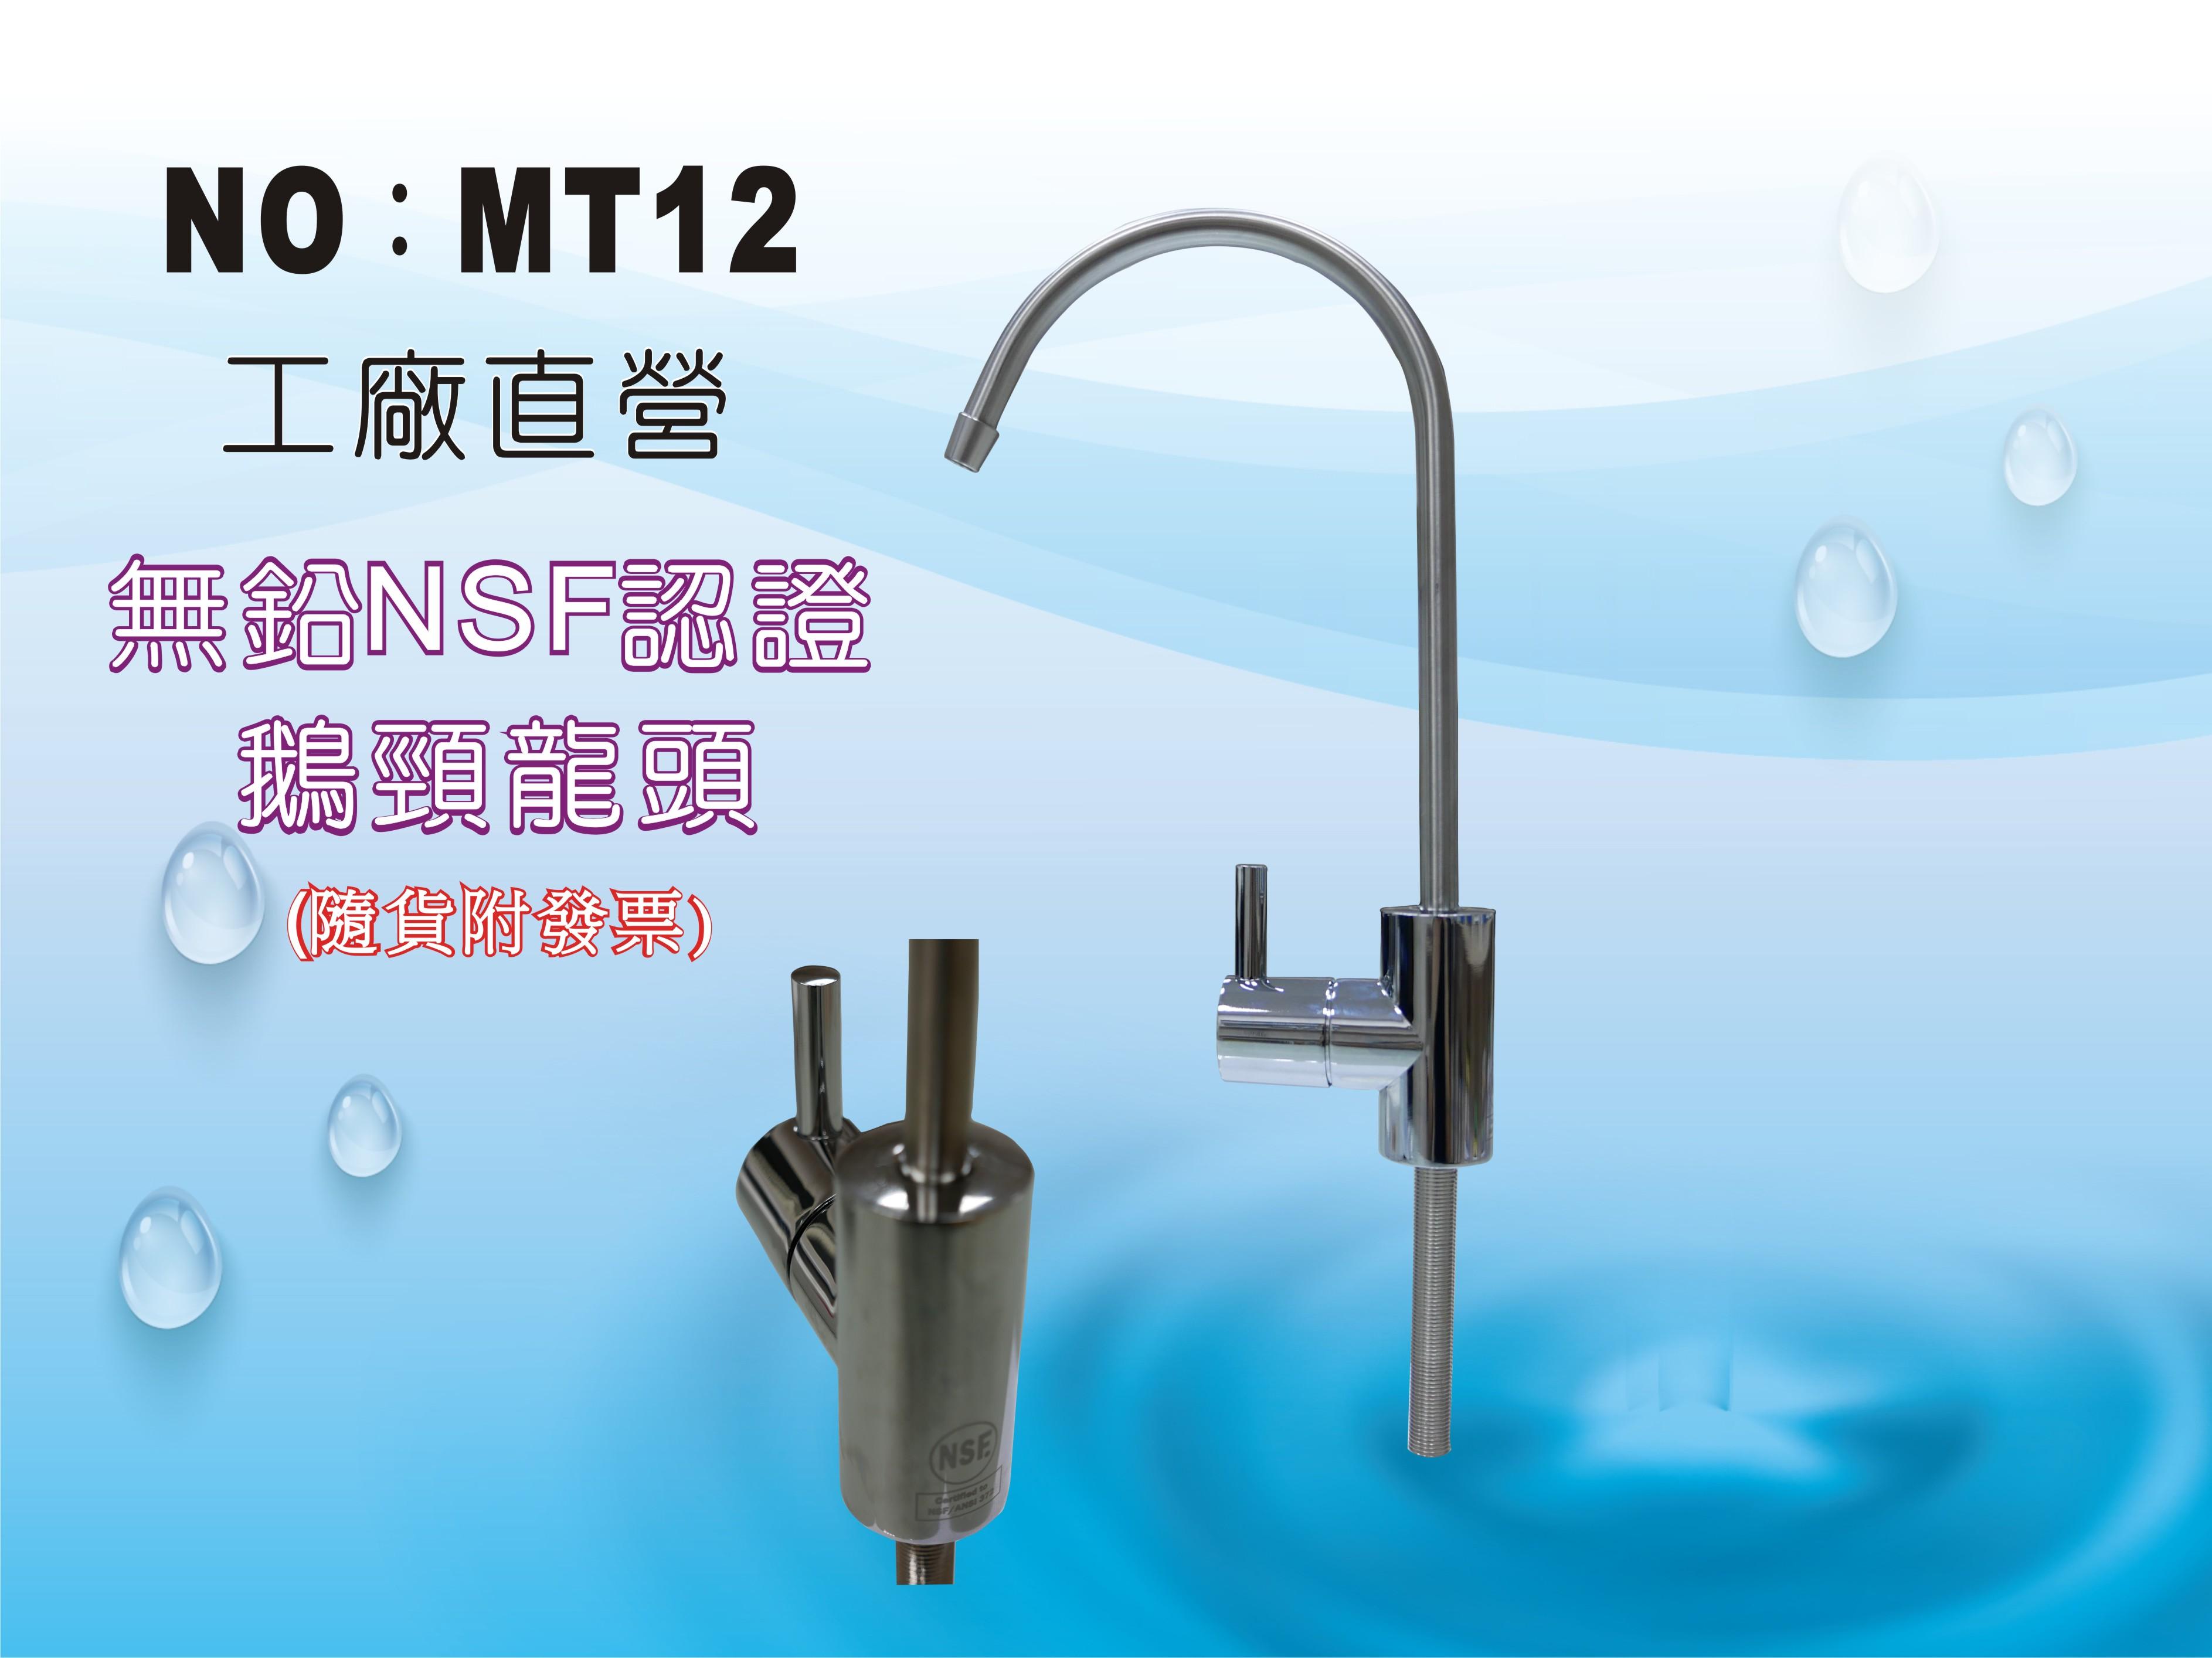 【龍門淨水】無鉛認證 NSF認證 雷刻 美式中彎鵝頸龍頭 水龍頭RO純水機 淨水器(MT12)